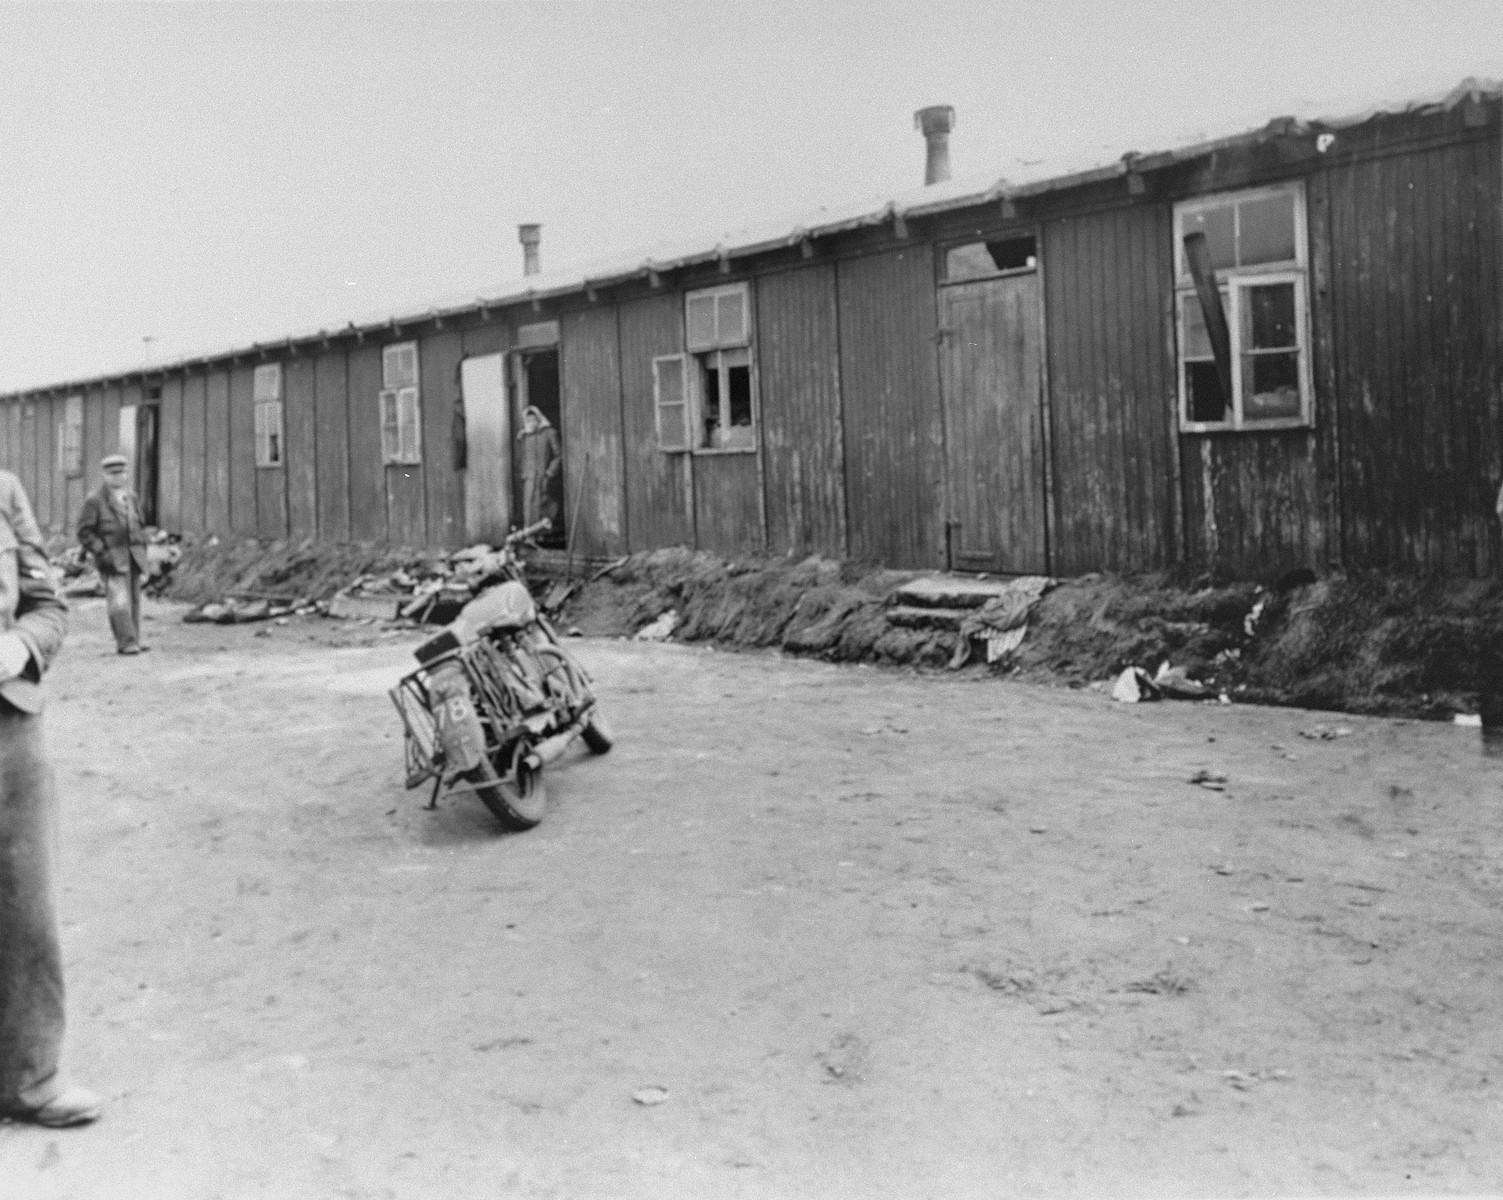 Barracks in Bergen-Belsen concentration camp.